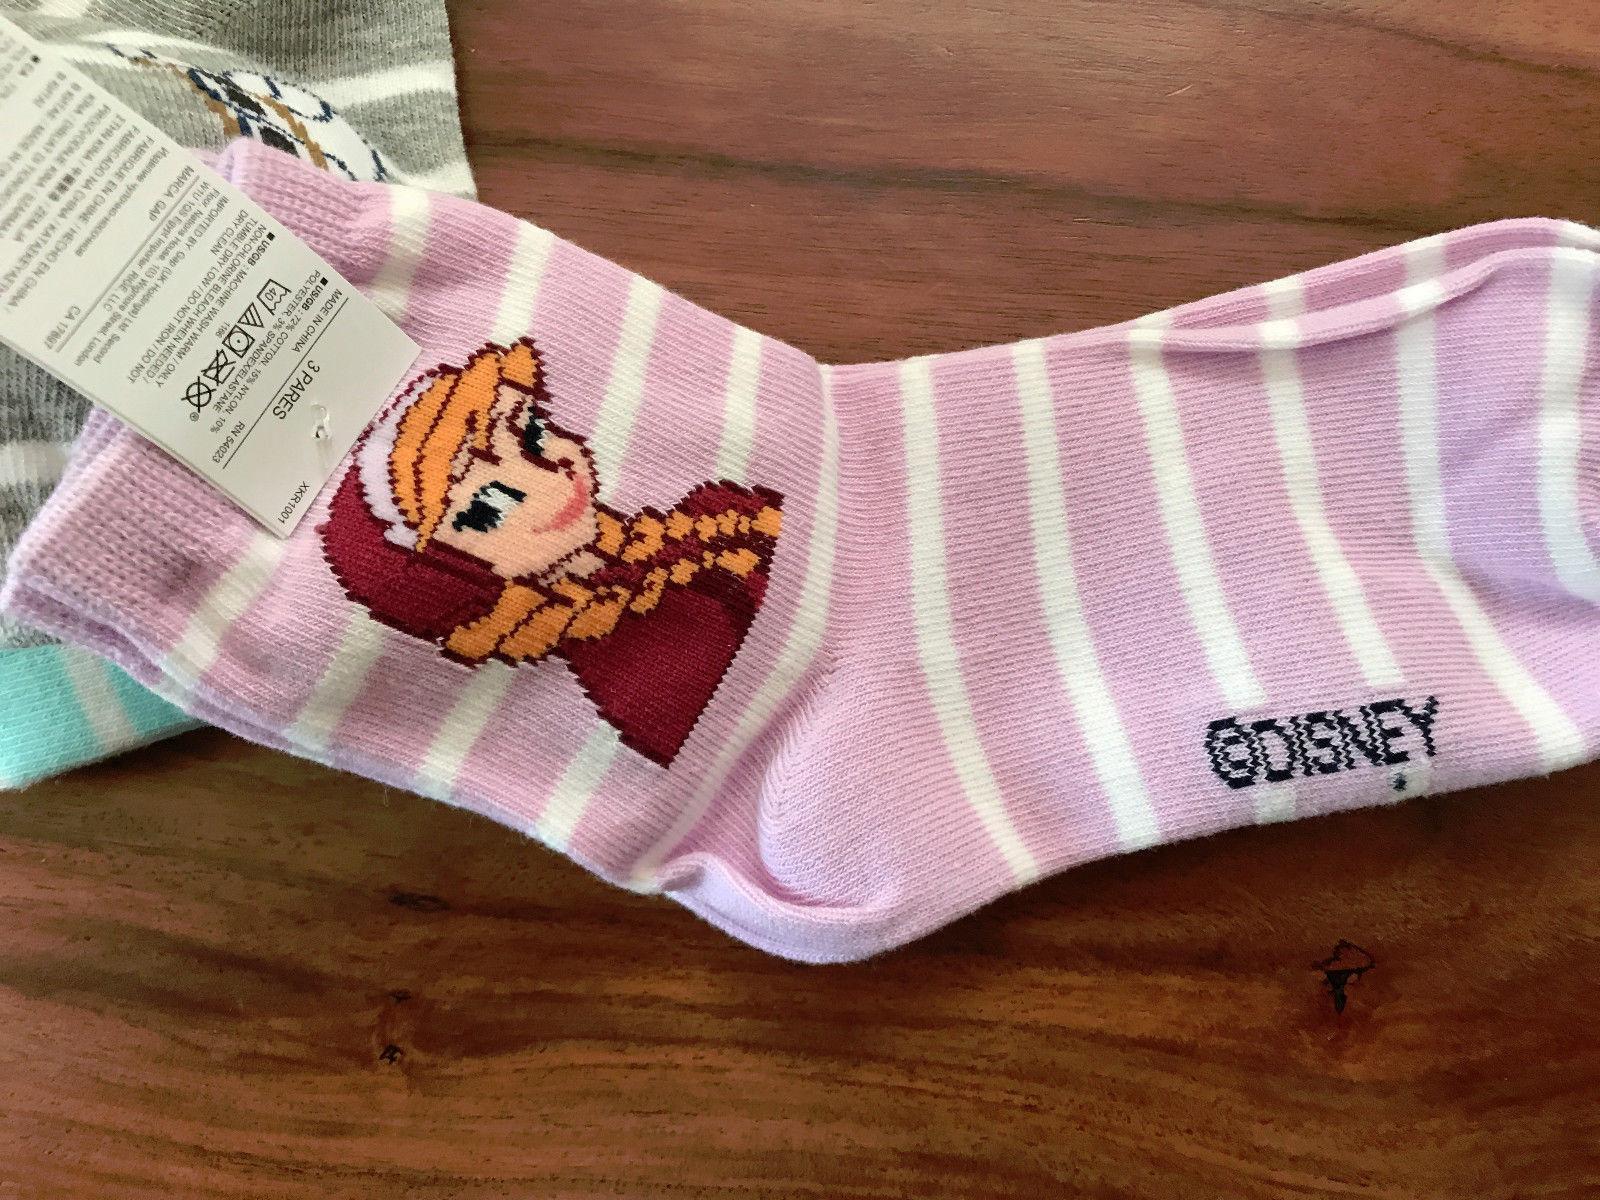 GAP Kids Girls Socks Shoe Sz 3-4 Pack of 3 Disney Frozen Gray Striped Half Crew